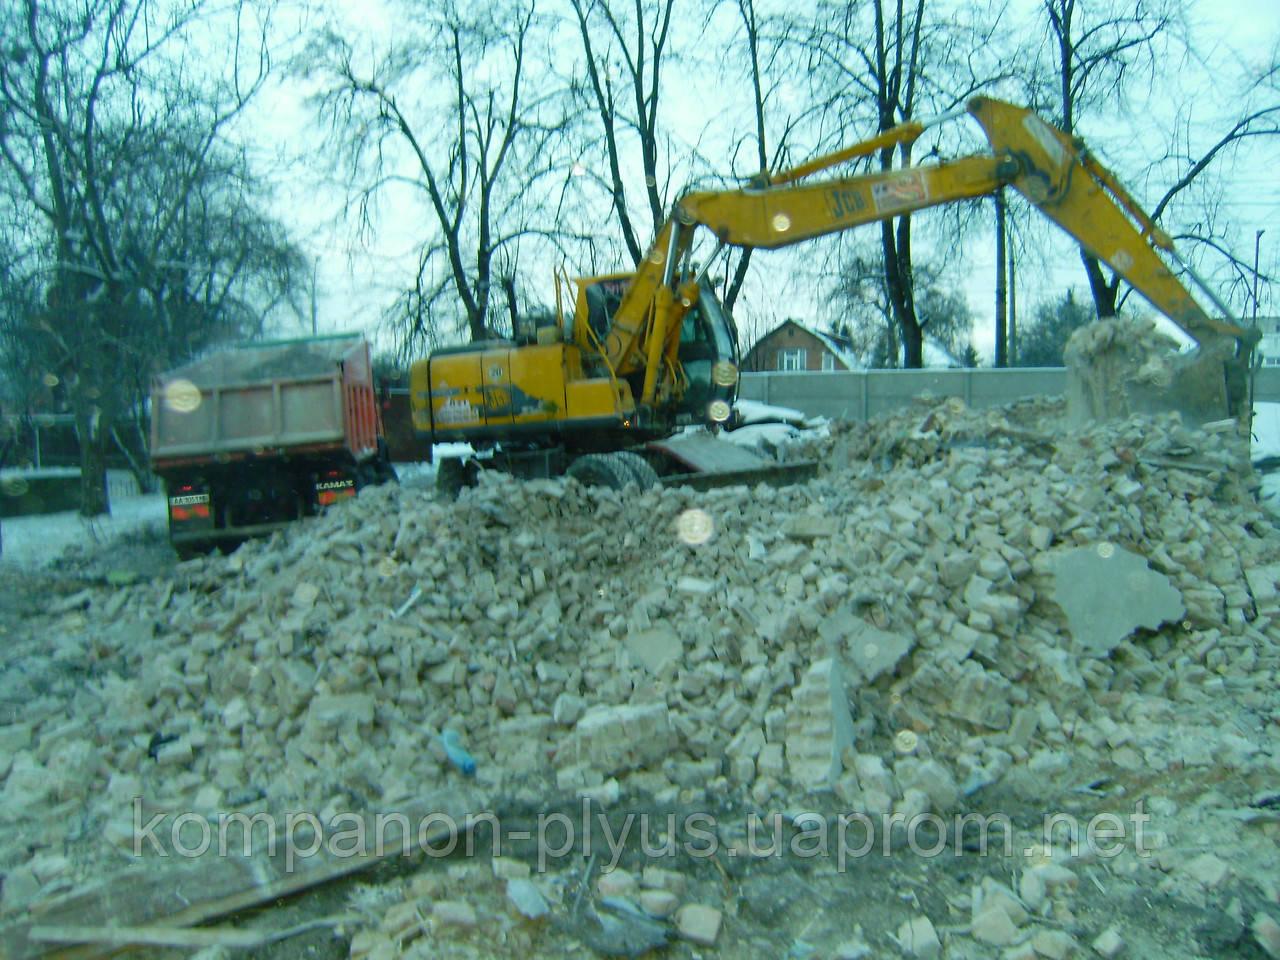 Продам строймусор, грунт на подсыпку. Строй мусор, строительный мусор, земля, глина, грунт самосвалами в Киеве